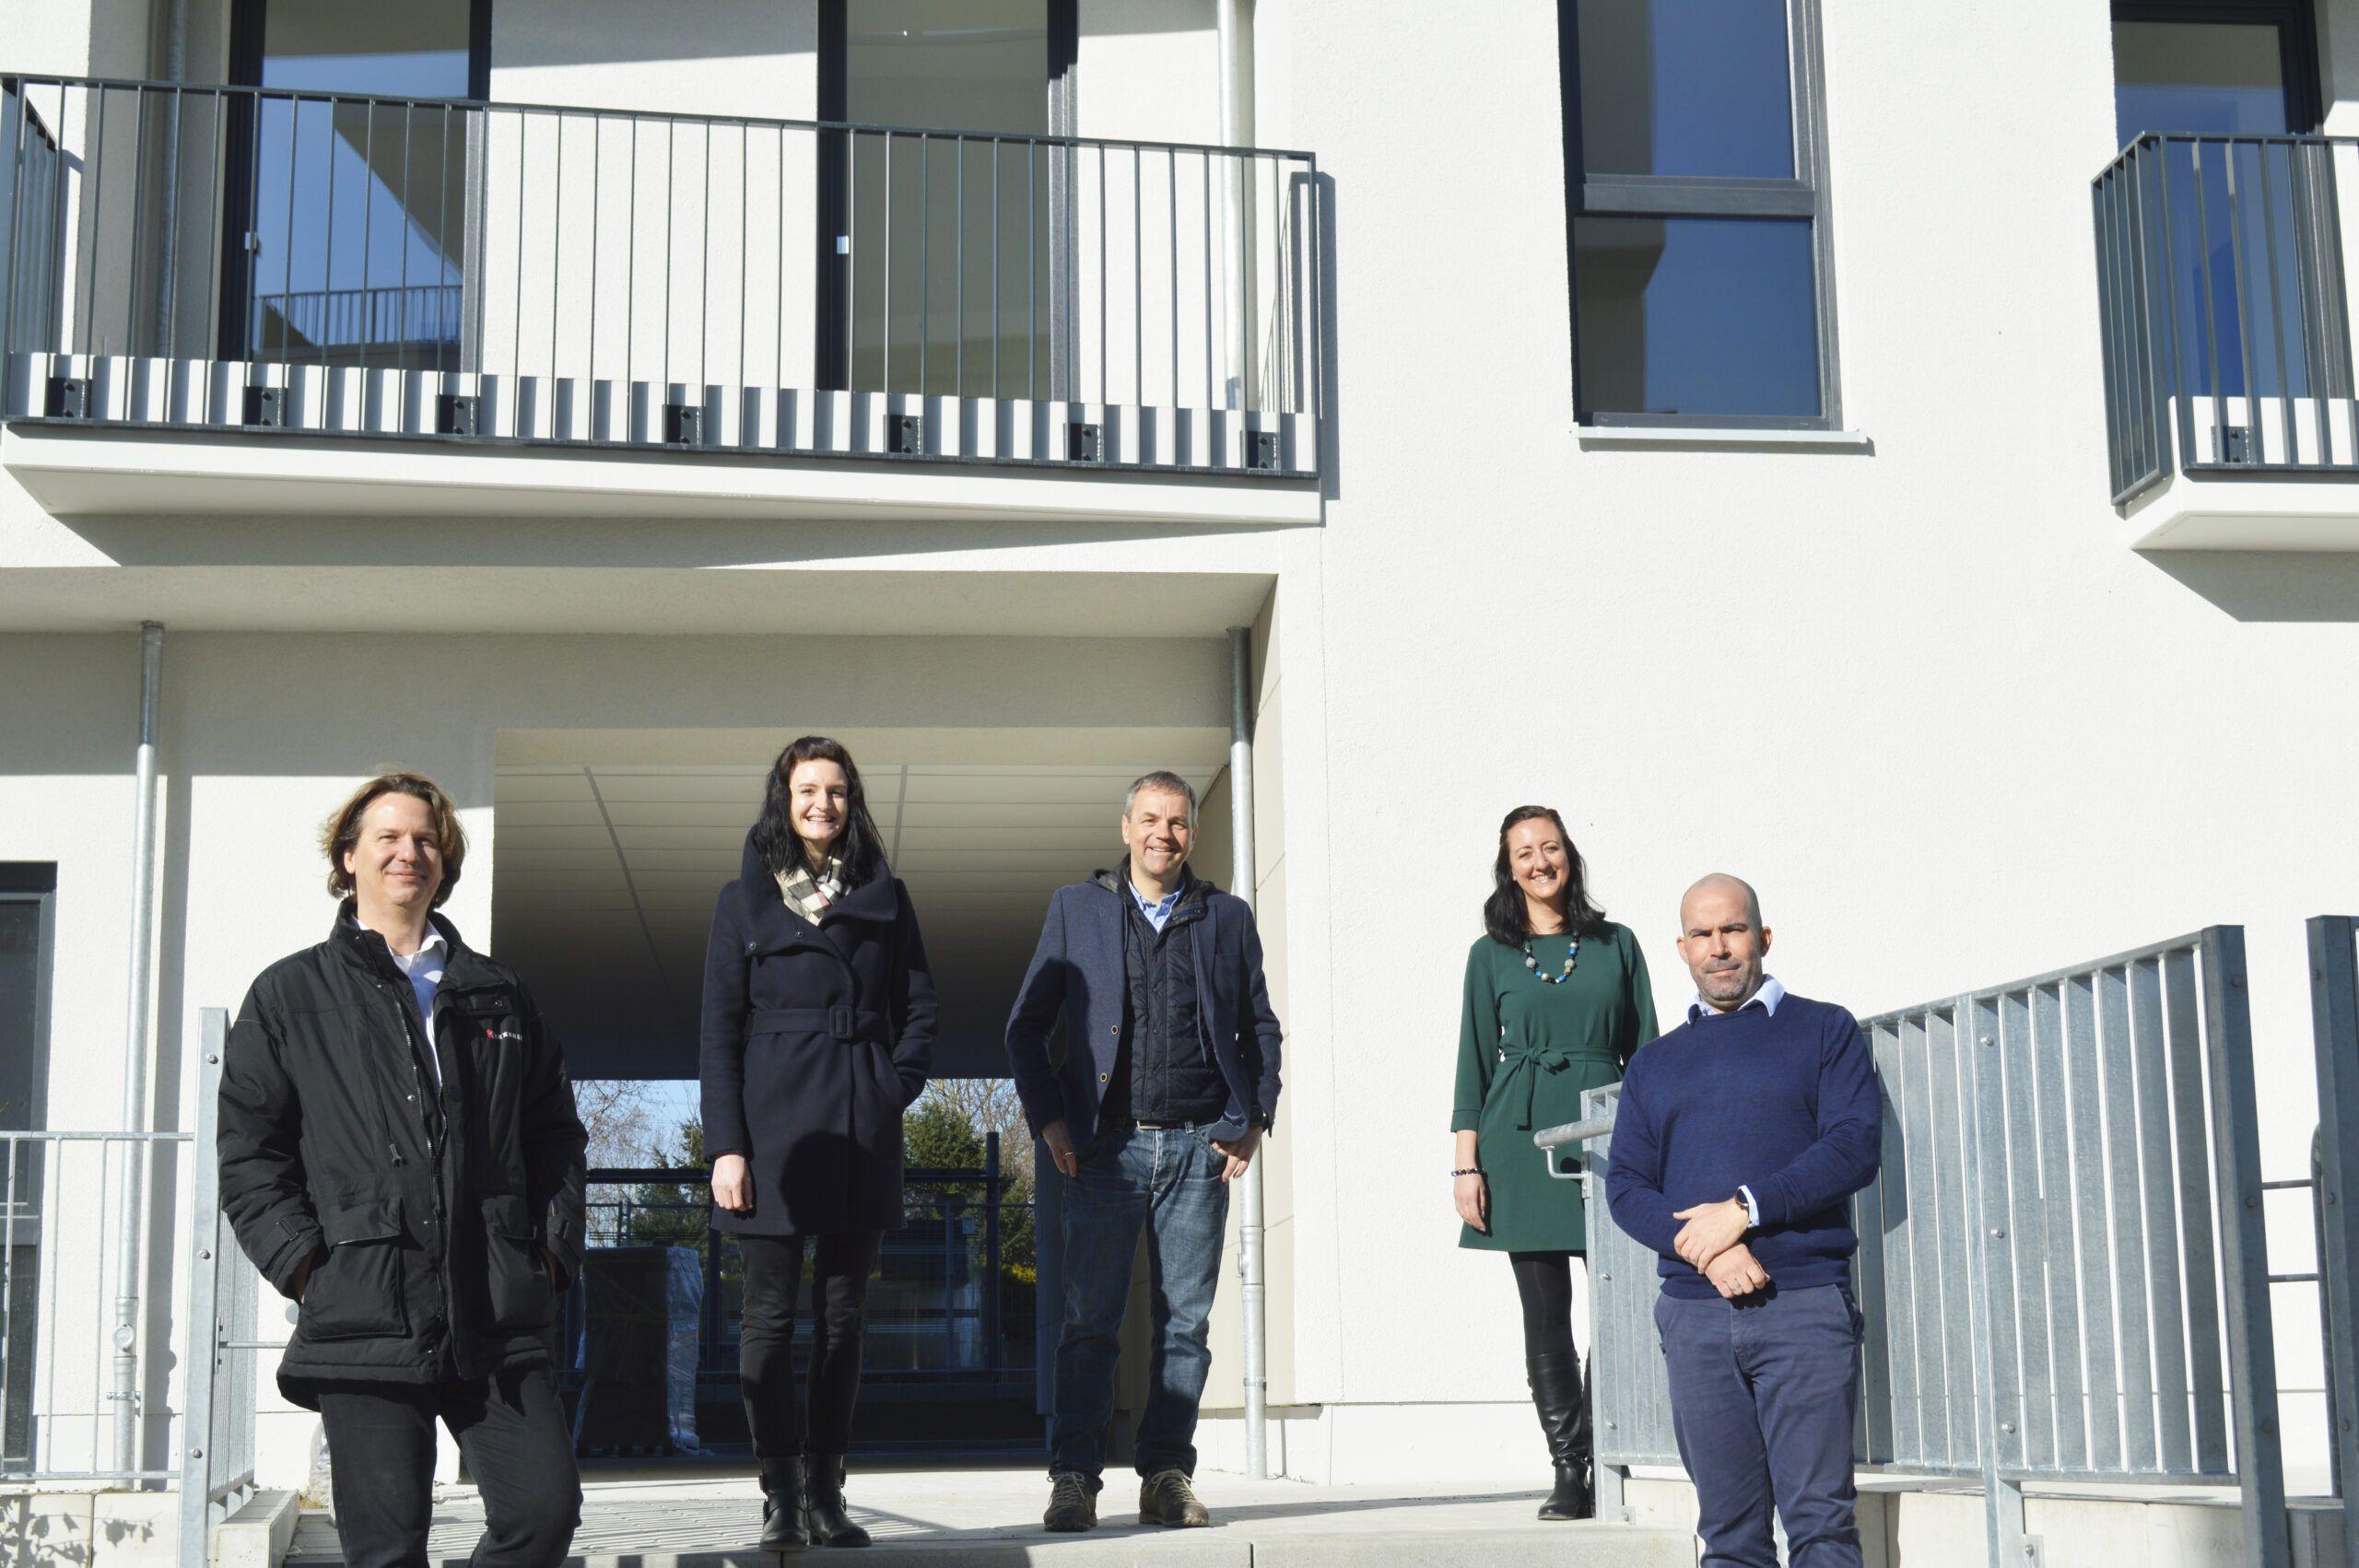 20210302 Uebergabe Johanniter Quartier Gersthofen Credit Iris Nowak Scaled